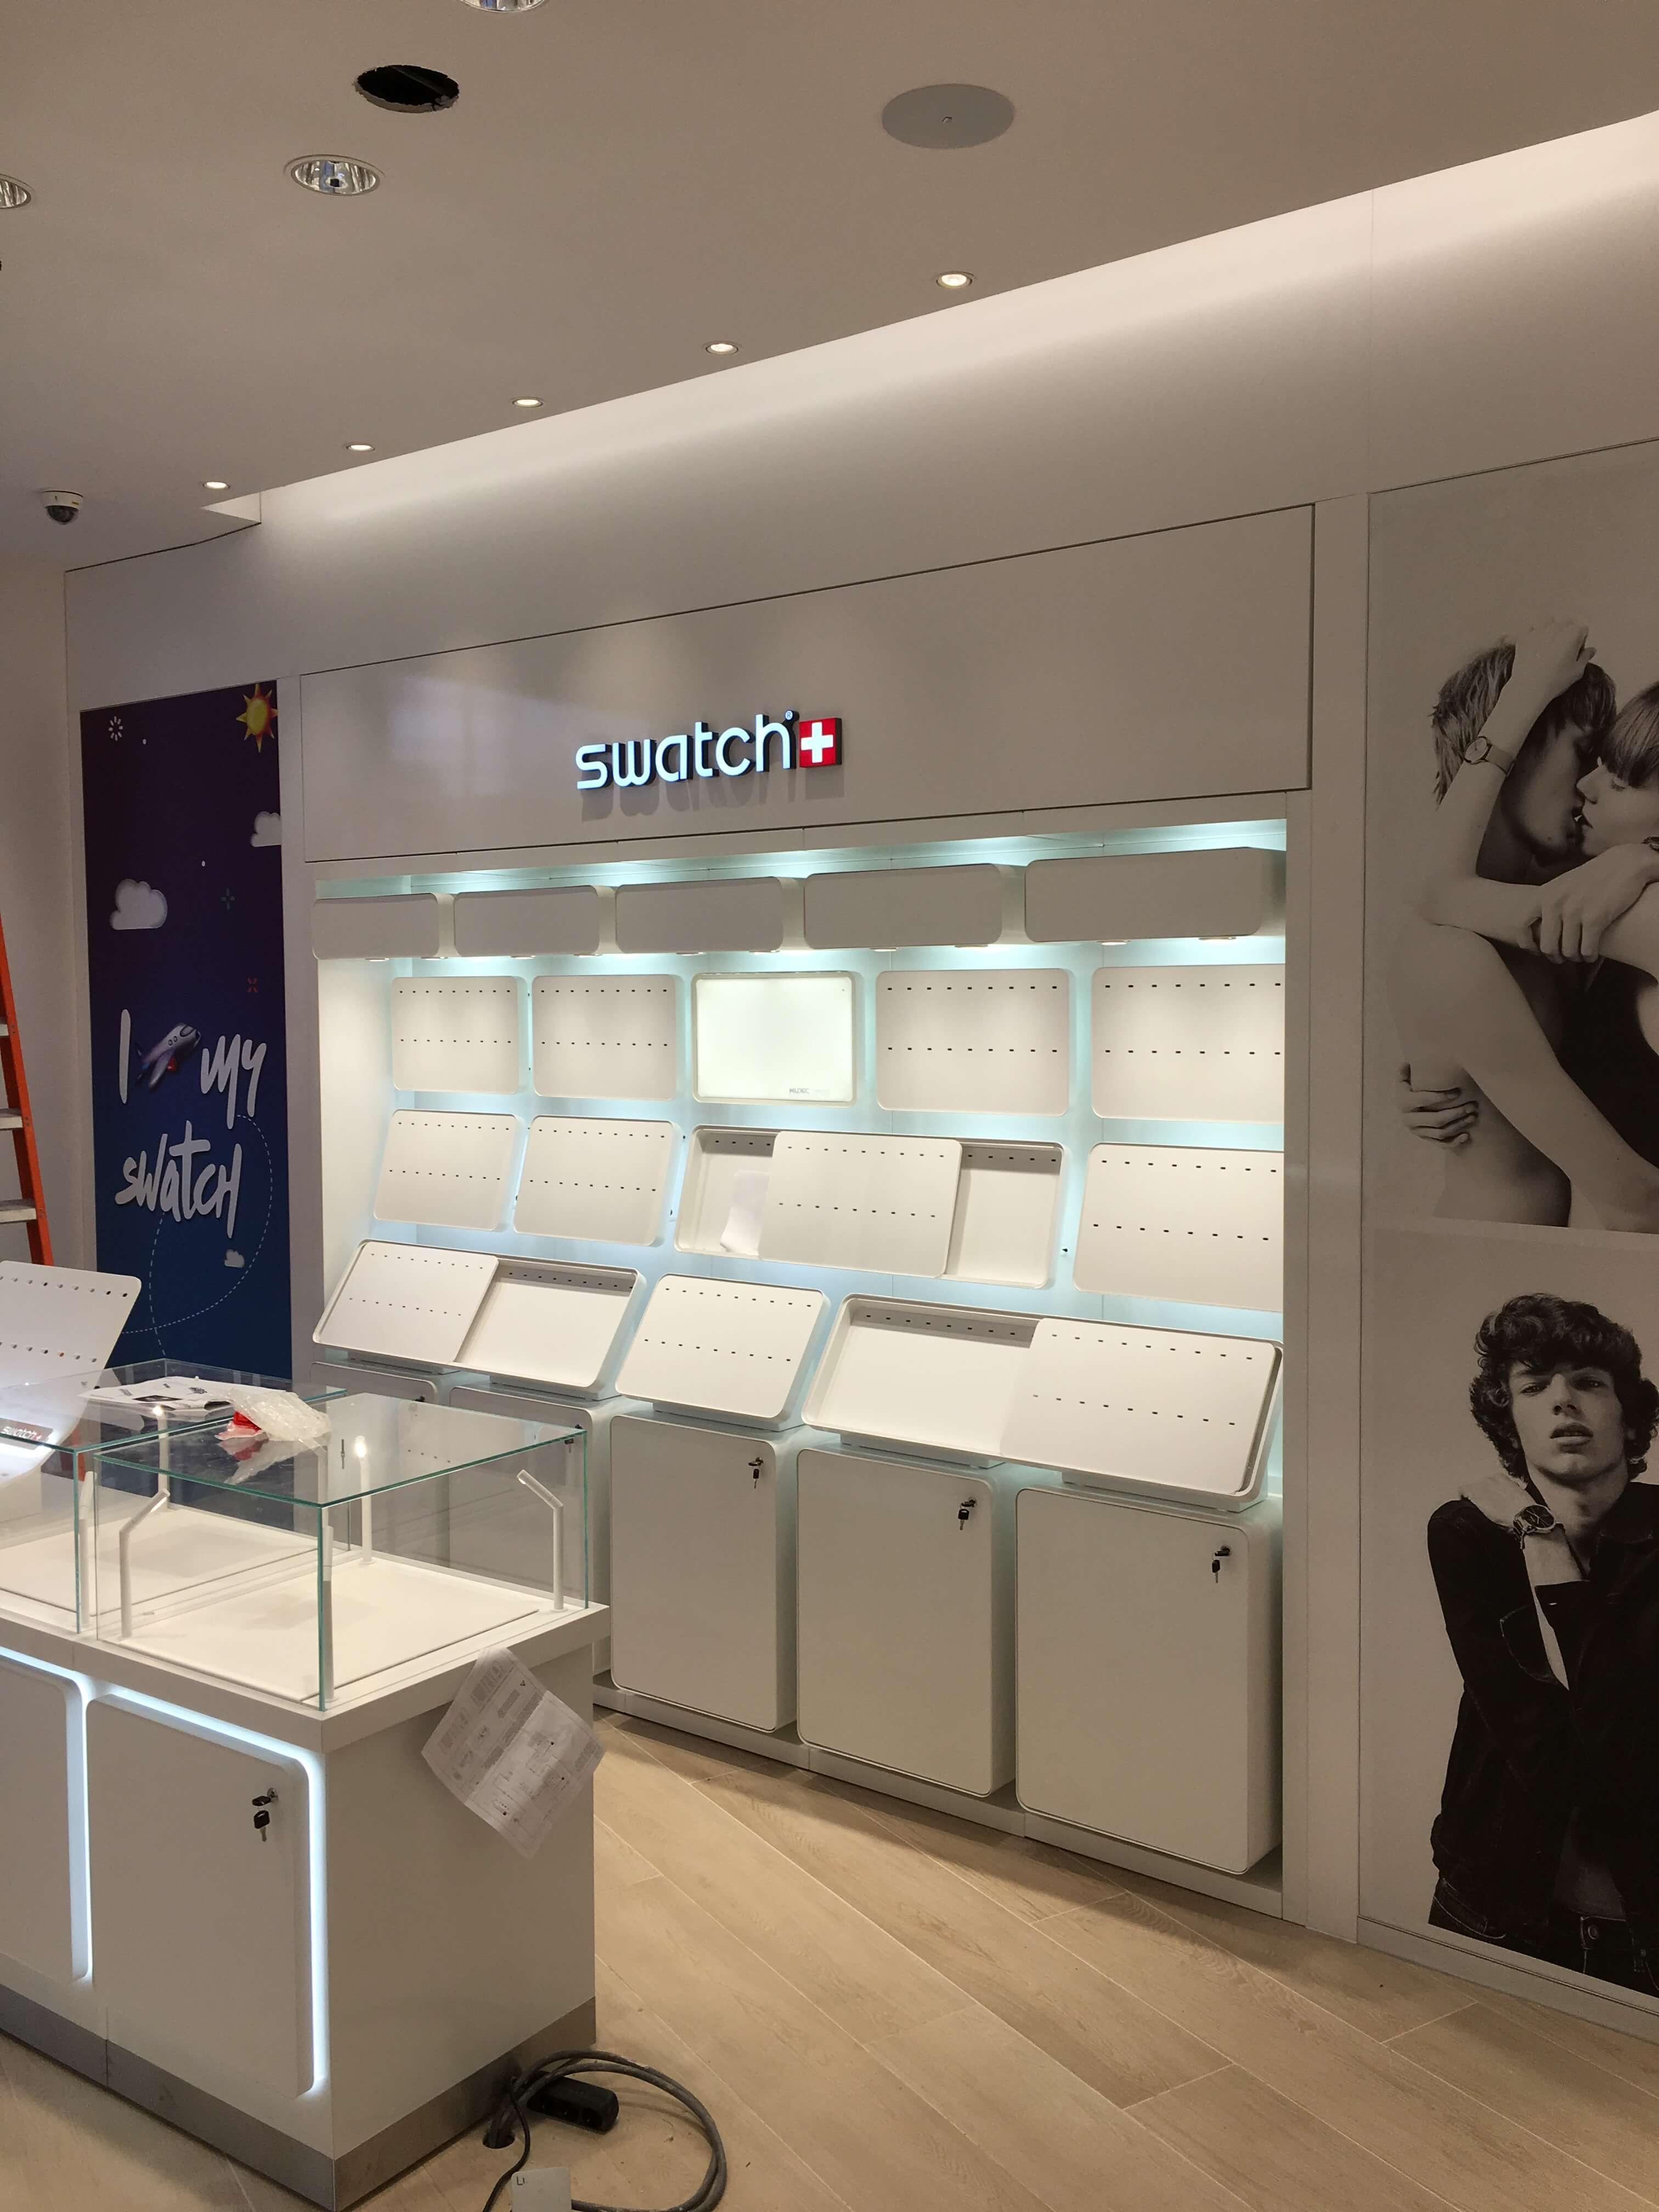 Foto van de Swatch Watches winkel in Roermond